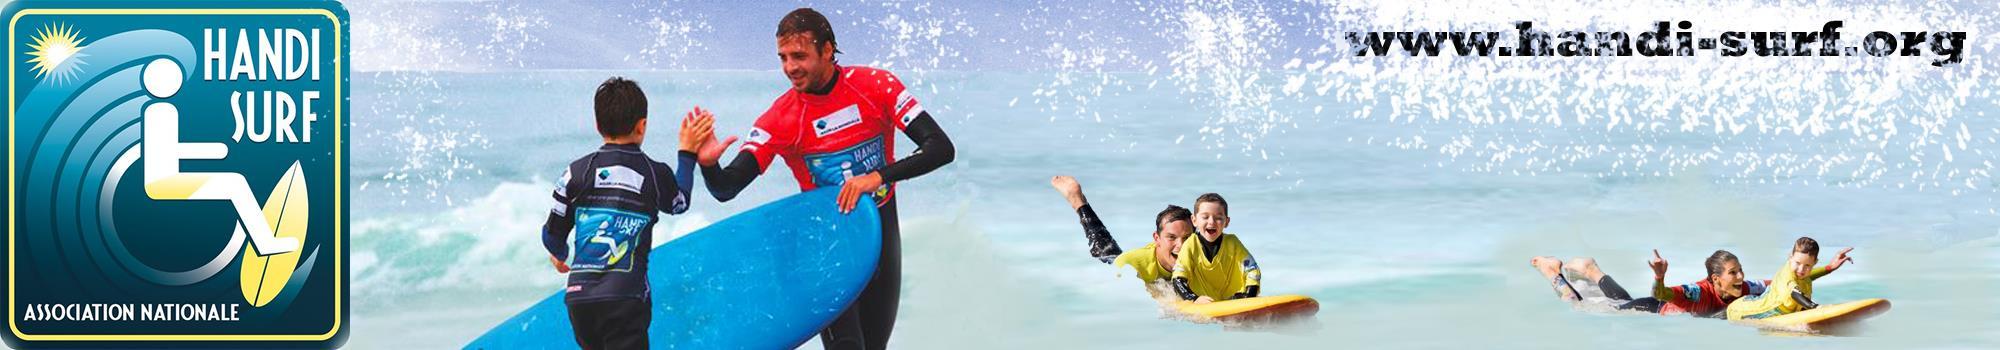 Handi Surf pour une pratique partagée ! - Association Nationale Handi Surf